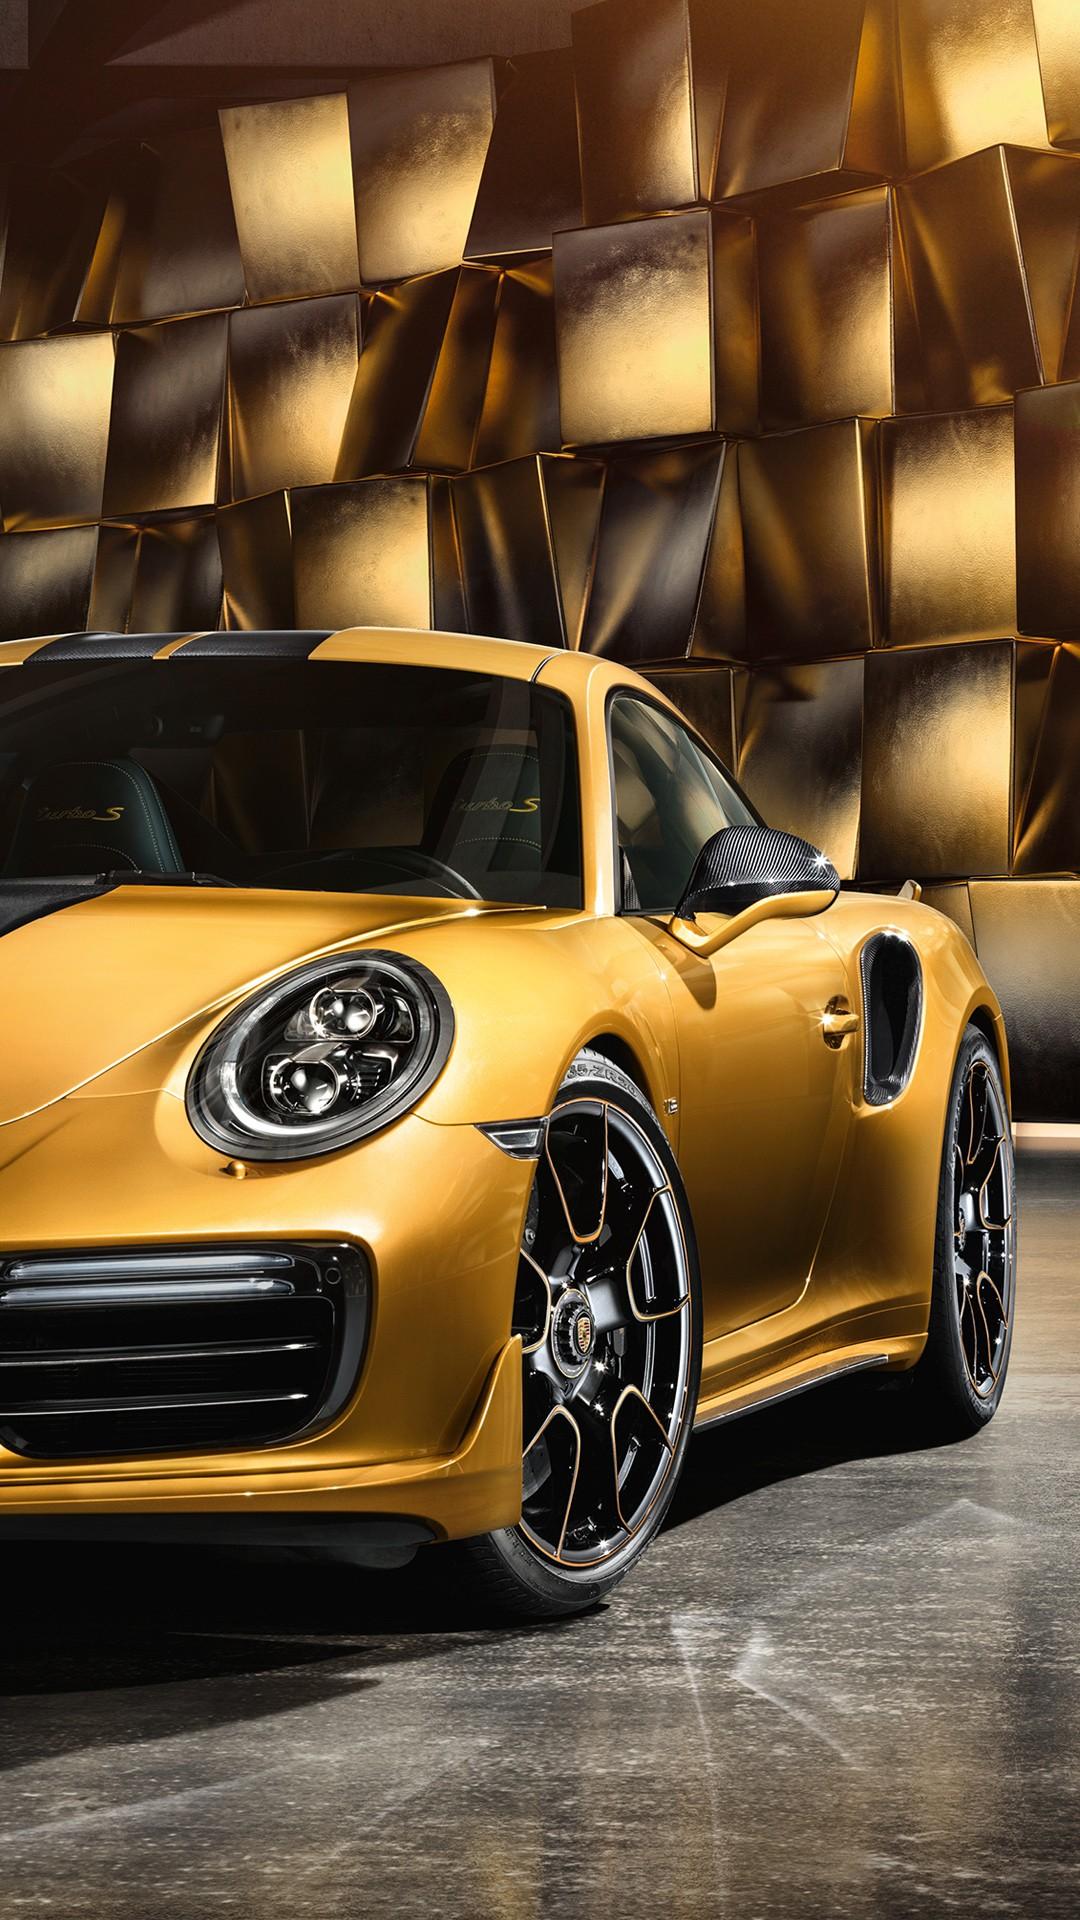 2017 Porsche 911 Turbo S Exclusive Series Wallpapers HD